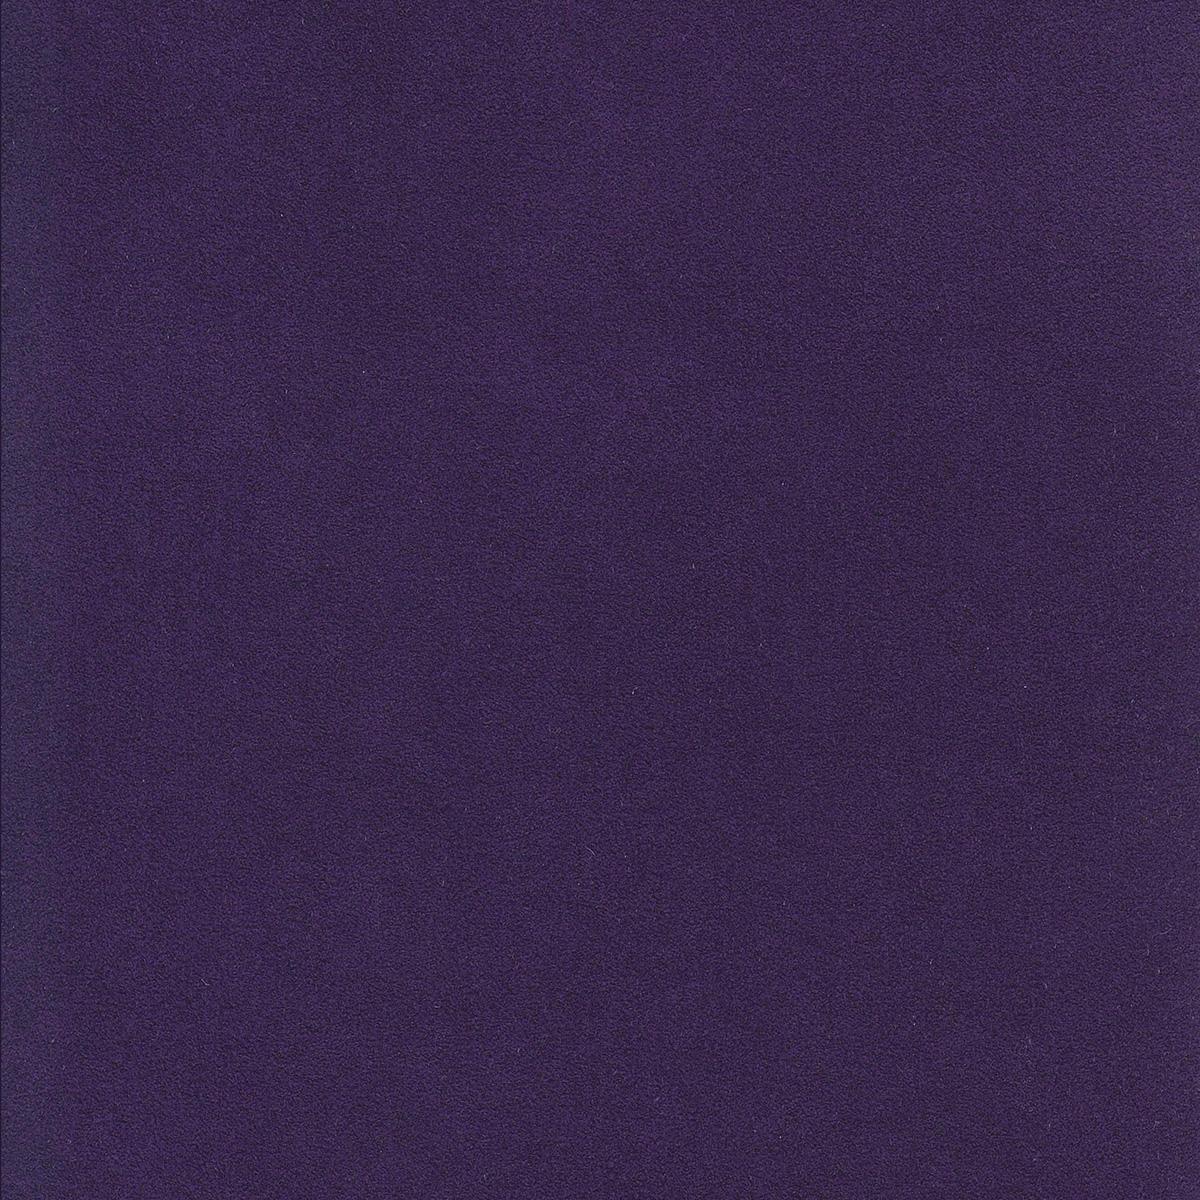 661 Violetto